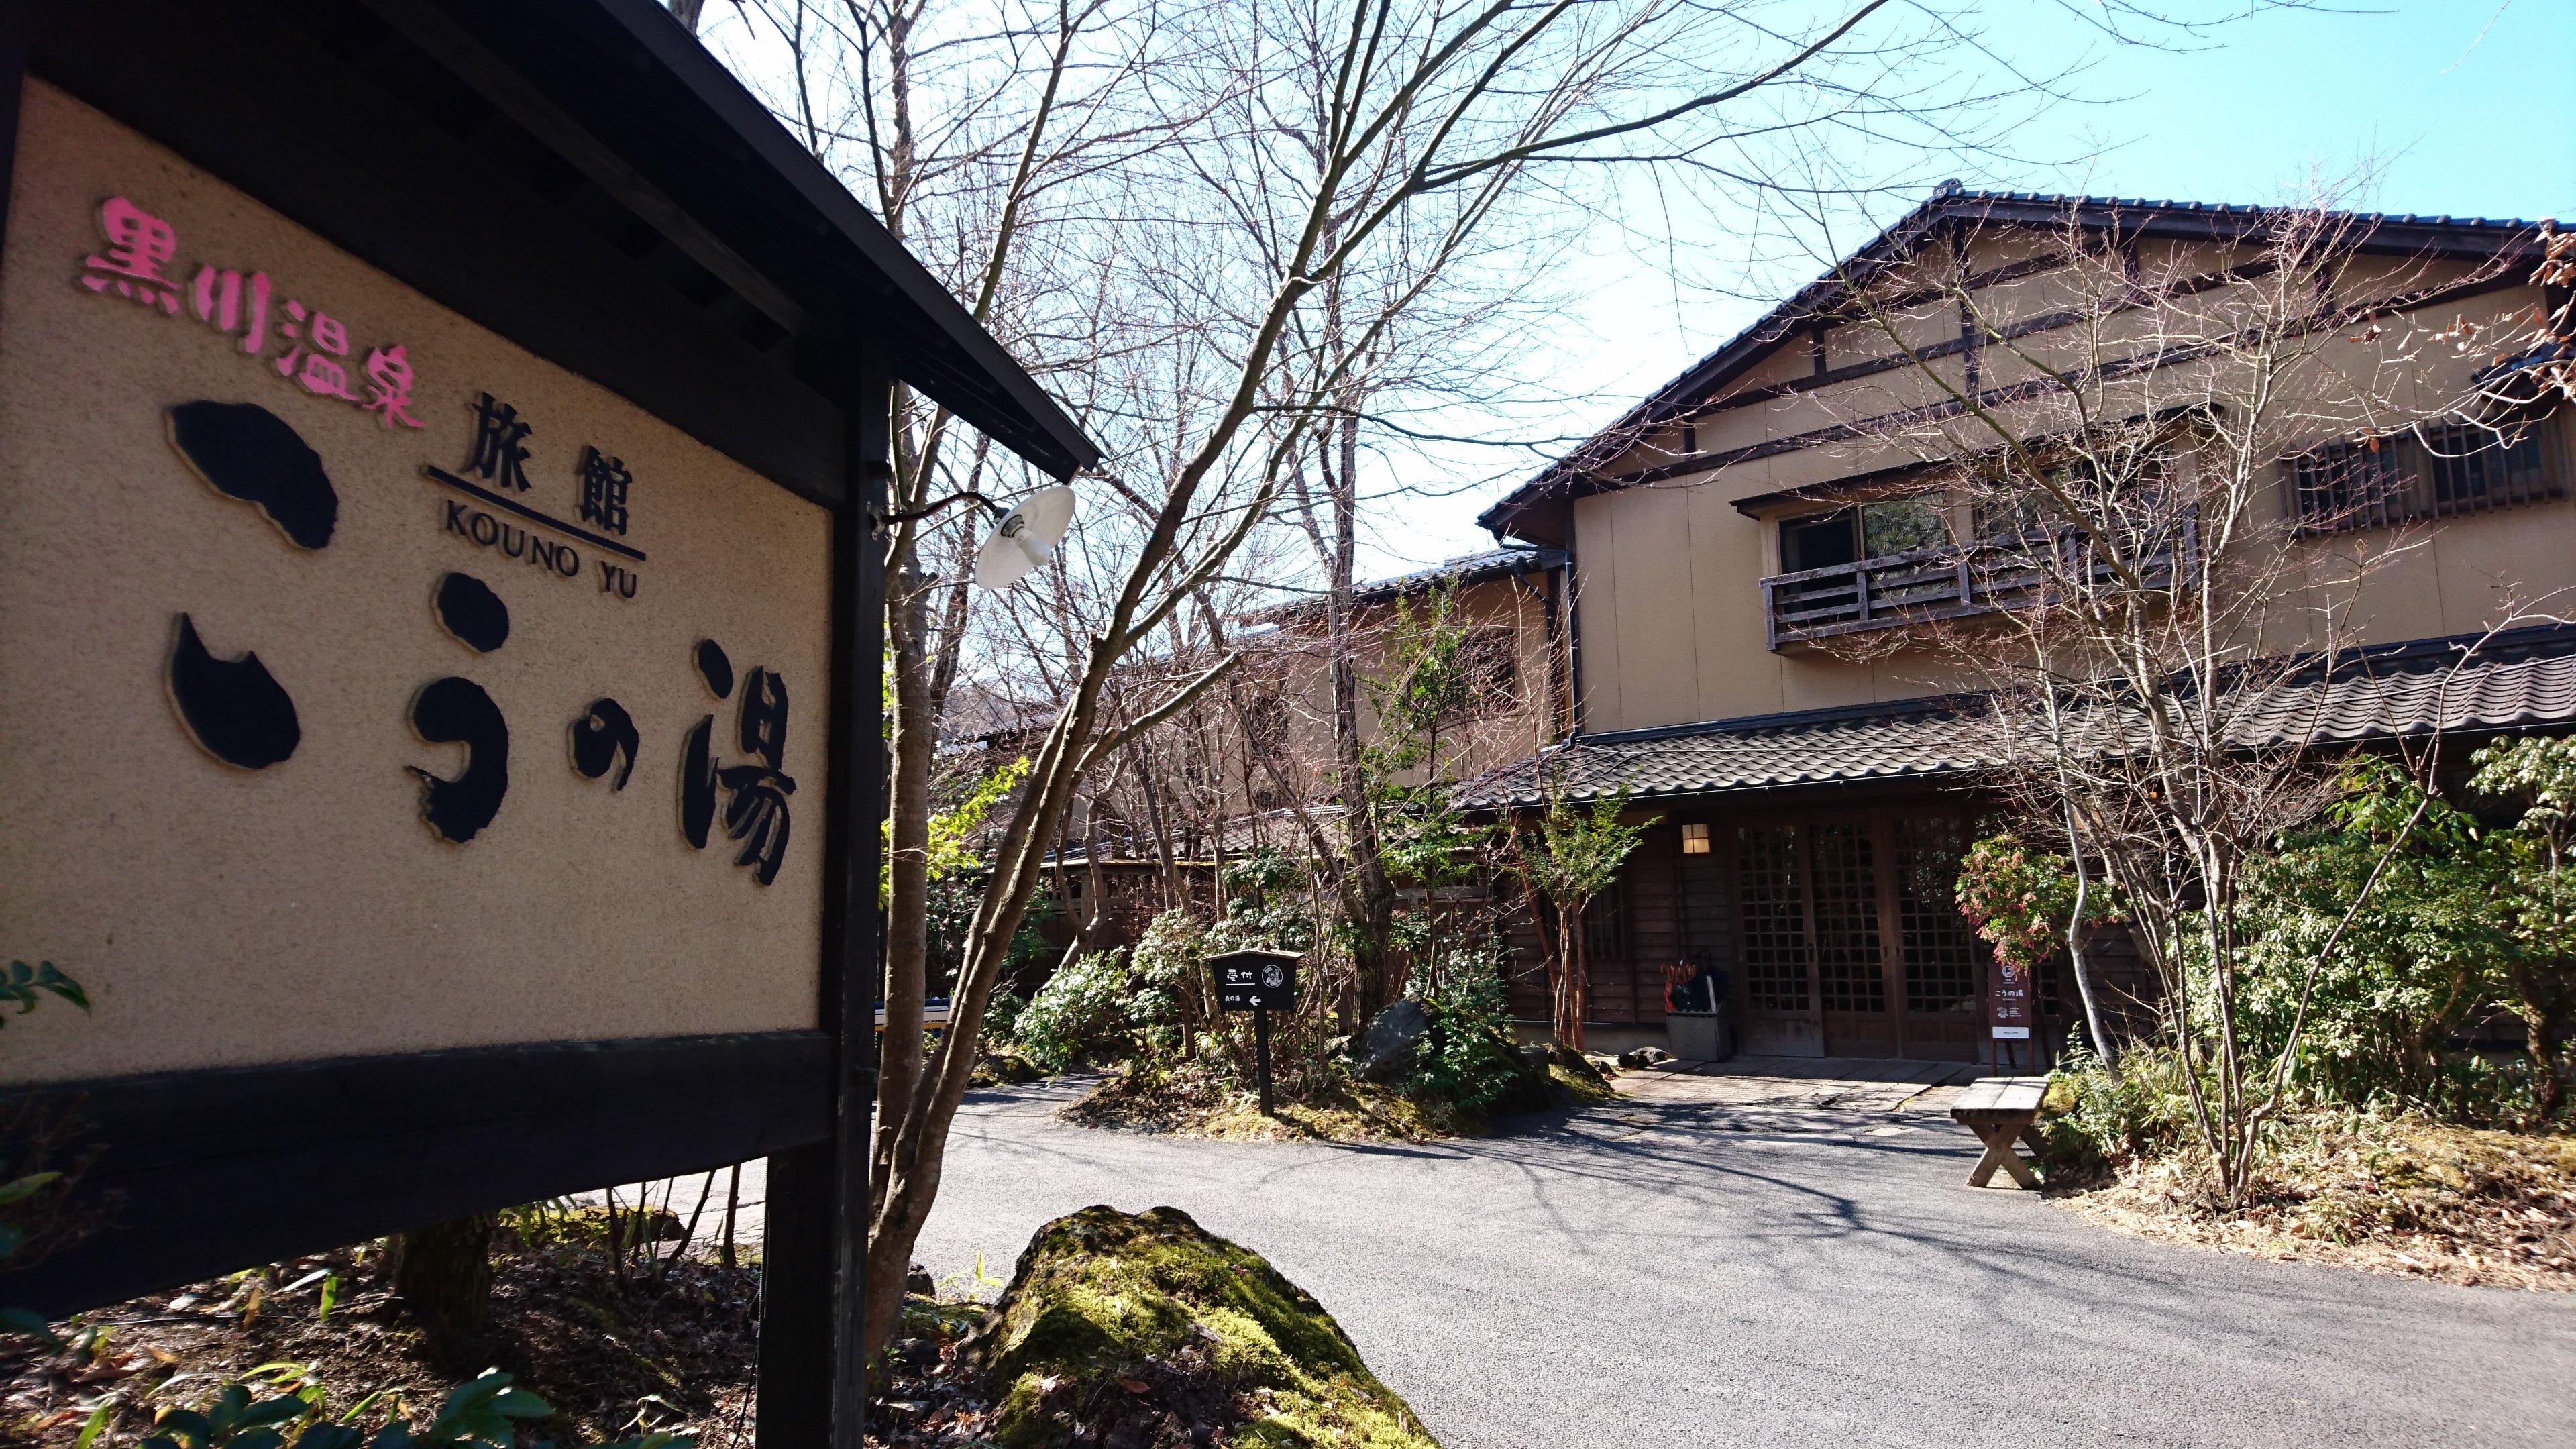 Kono-yu